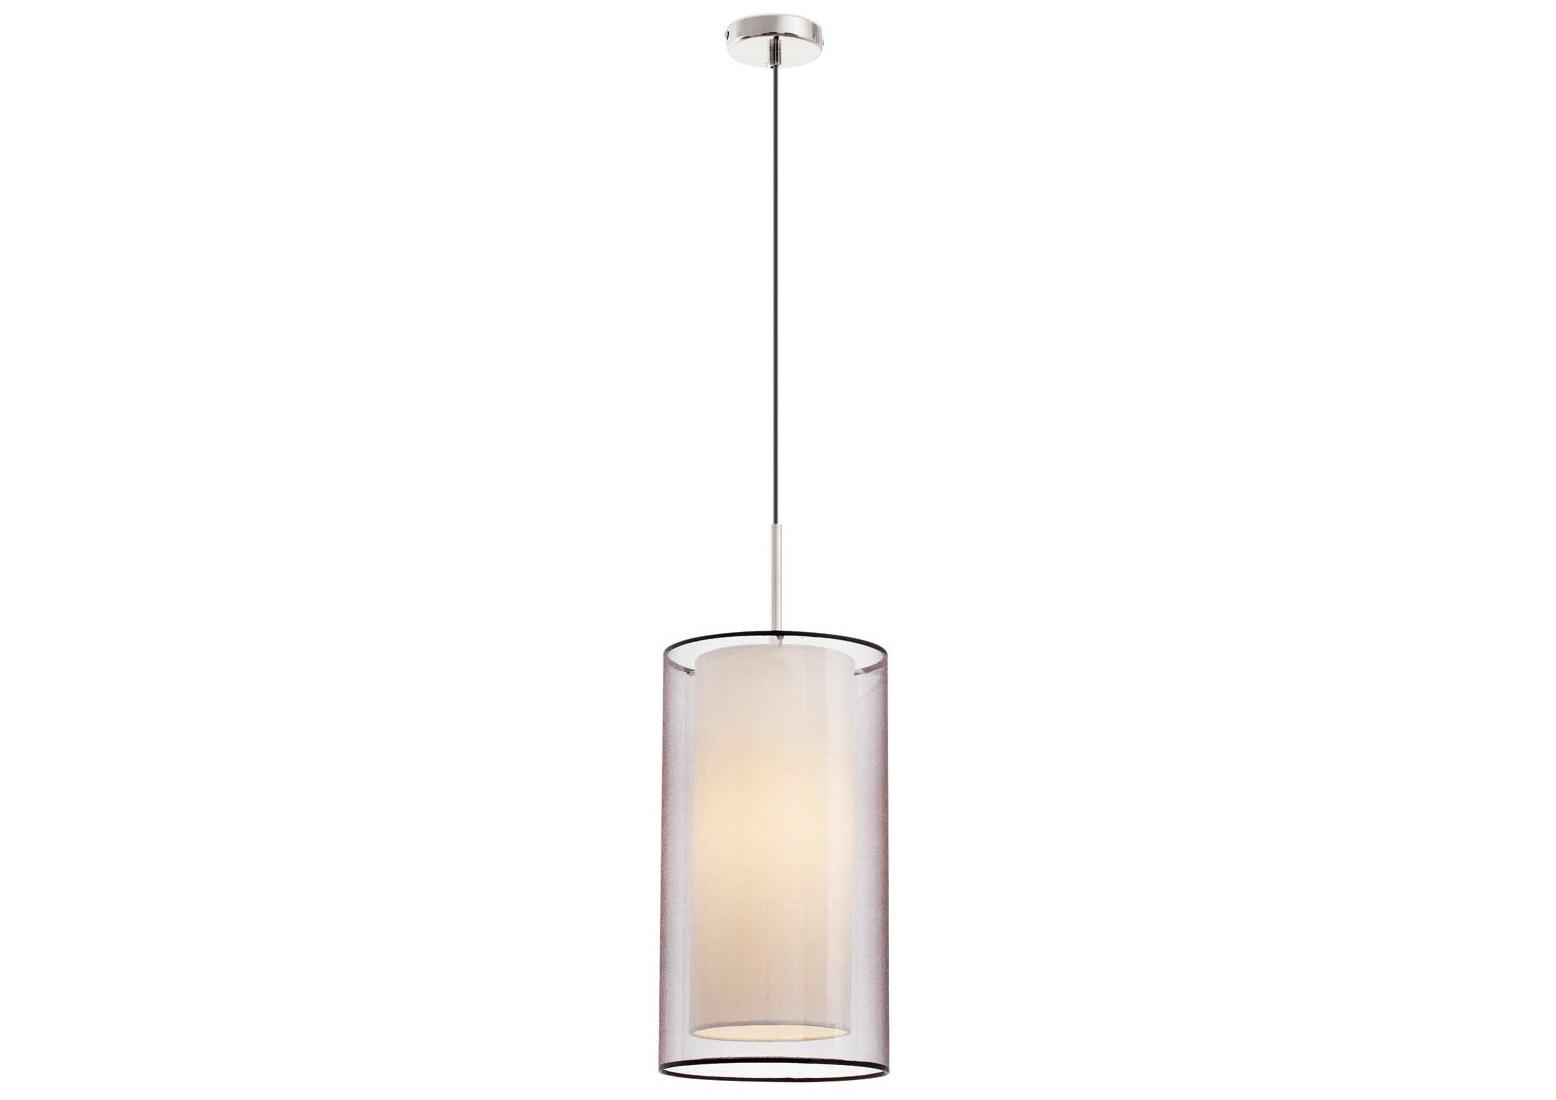 Подвесной светильник SabaПодвесные светильники<br>Подвес Saba является одной из моделей серии стильных предметов освещения, в которую вошли люстры, настольные светильники, бра, торшеры и подвесы, идентичные в дизайне. Дизайнерский светильник Saba имеет двойной абажур, один из которых обтянут полупрозрачной тканью. Диффузор, установленный в нижней части внутреннего абажура, изготовлен из опалового стекла. Благодаря ему освещение приобретает особенную мягкость и наполняет окружающее пространство романтичностью и атмосферой спокойствия. Конструкция стильного светильника имеет никелированное покрытие. Прибор работает от одной лампы типа Е27 40W, которая не входят в комплектацию товара.<br><br>Material: Металл<br>Высота см: 120